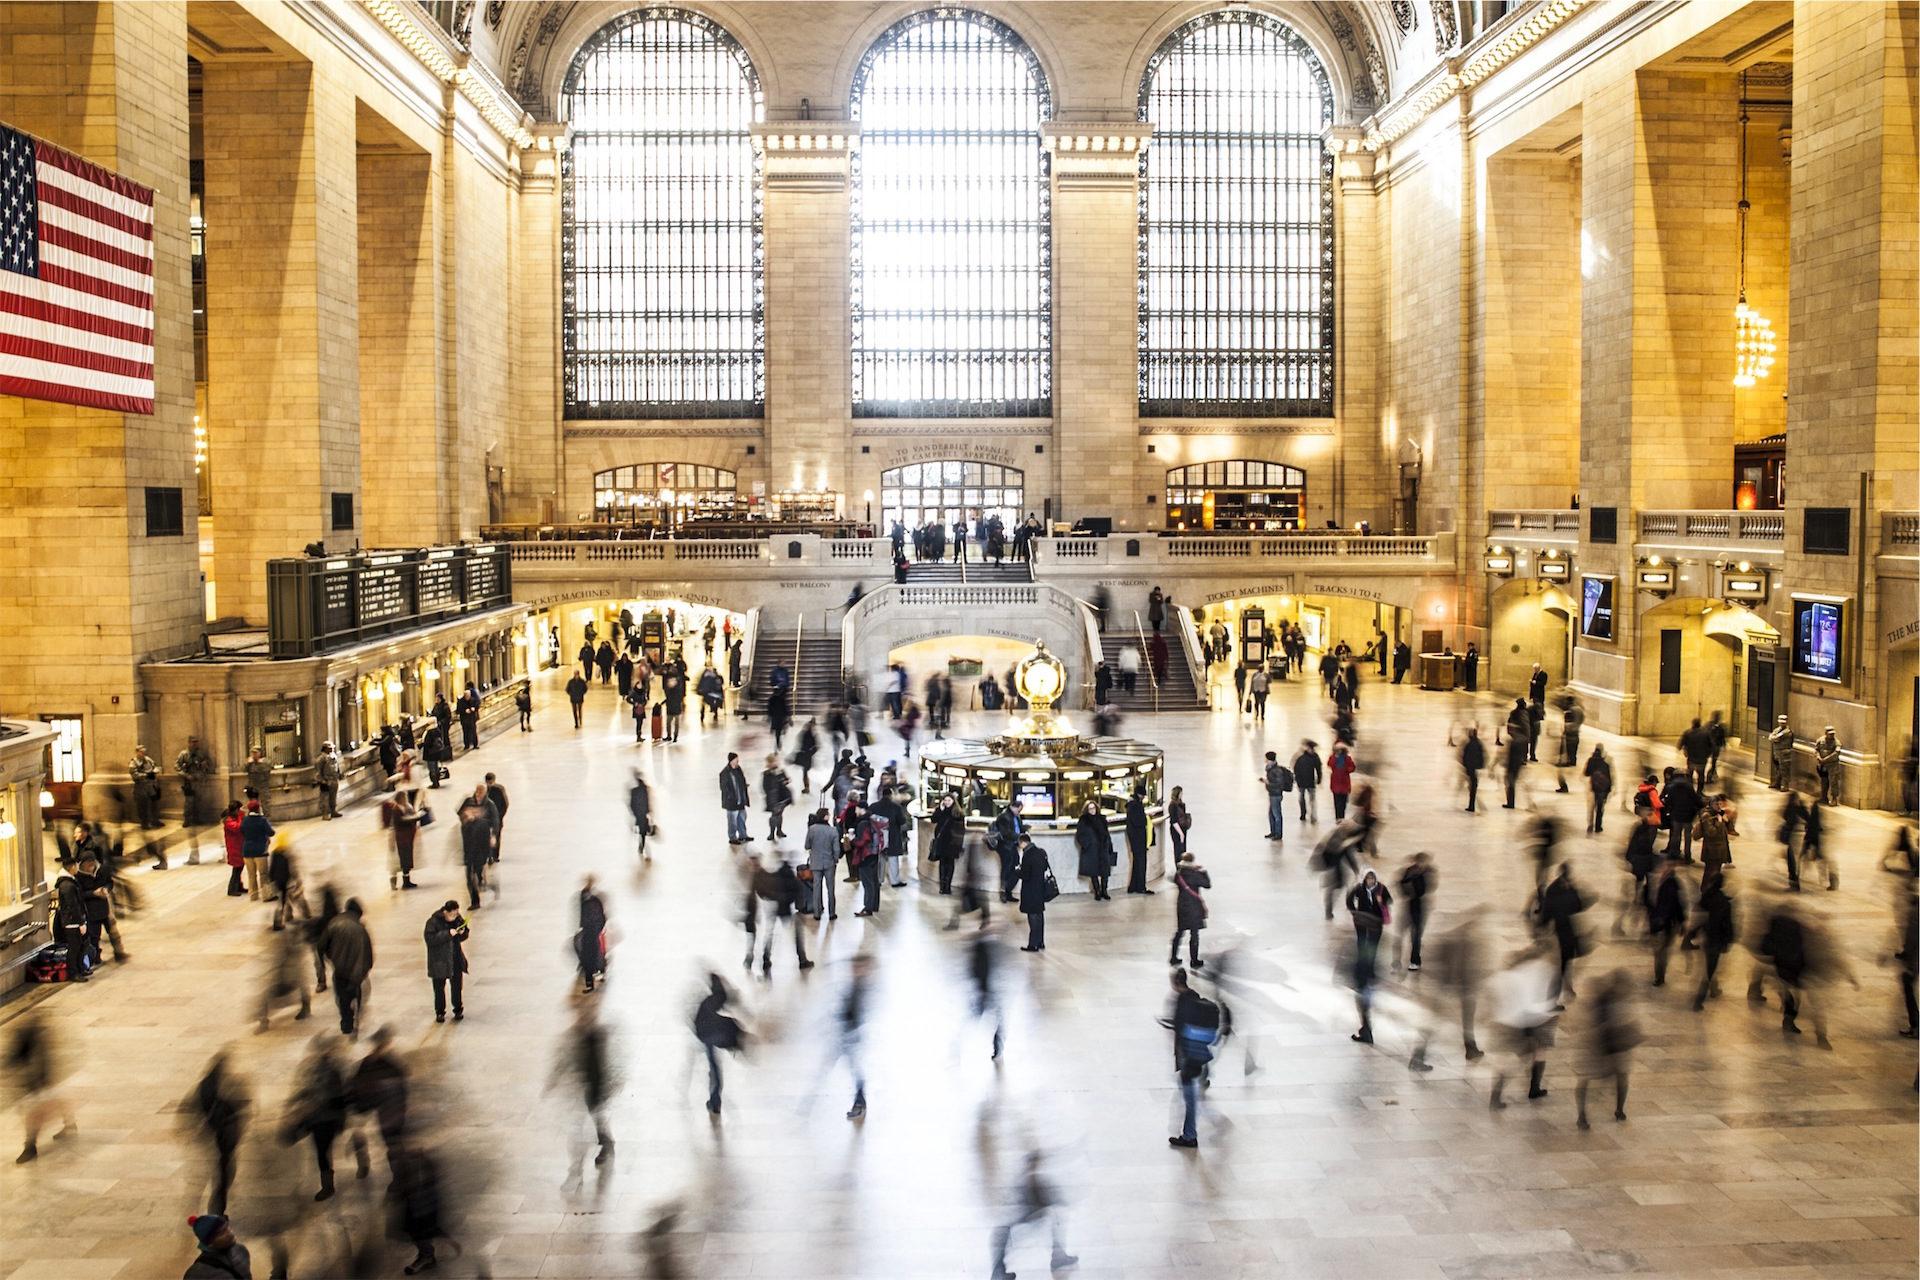 Stazione, Metropolitana, persone, particolarmente, Stati Uniti - Sfondi HD - Professor-falken.com